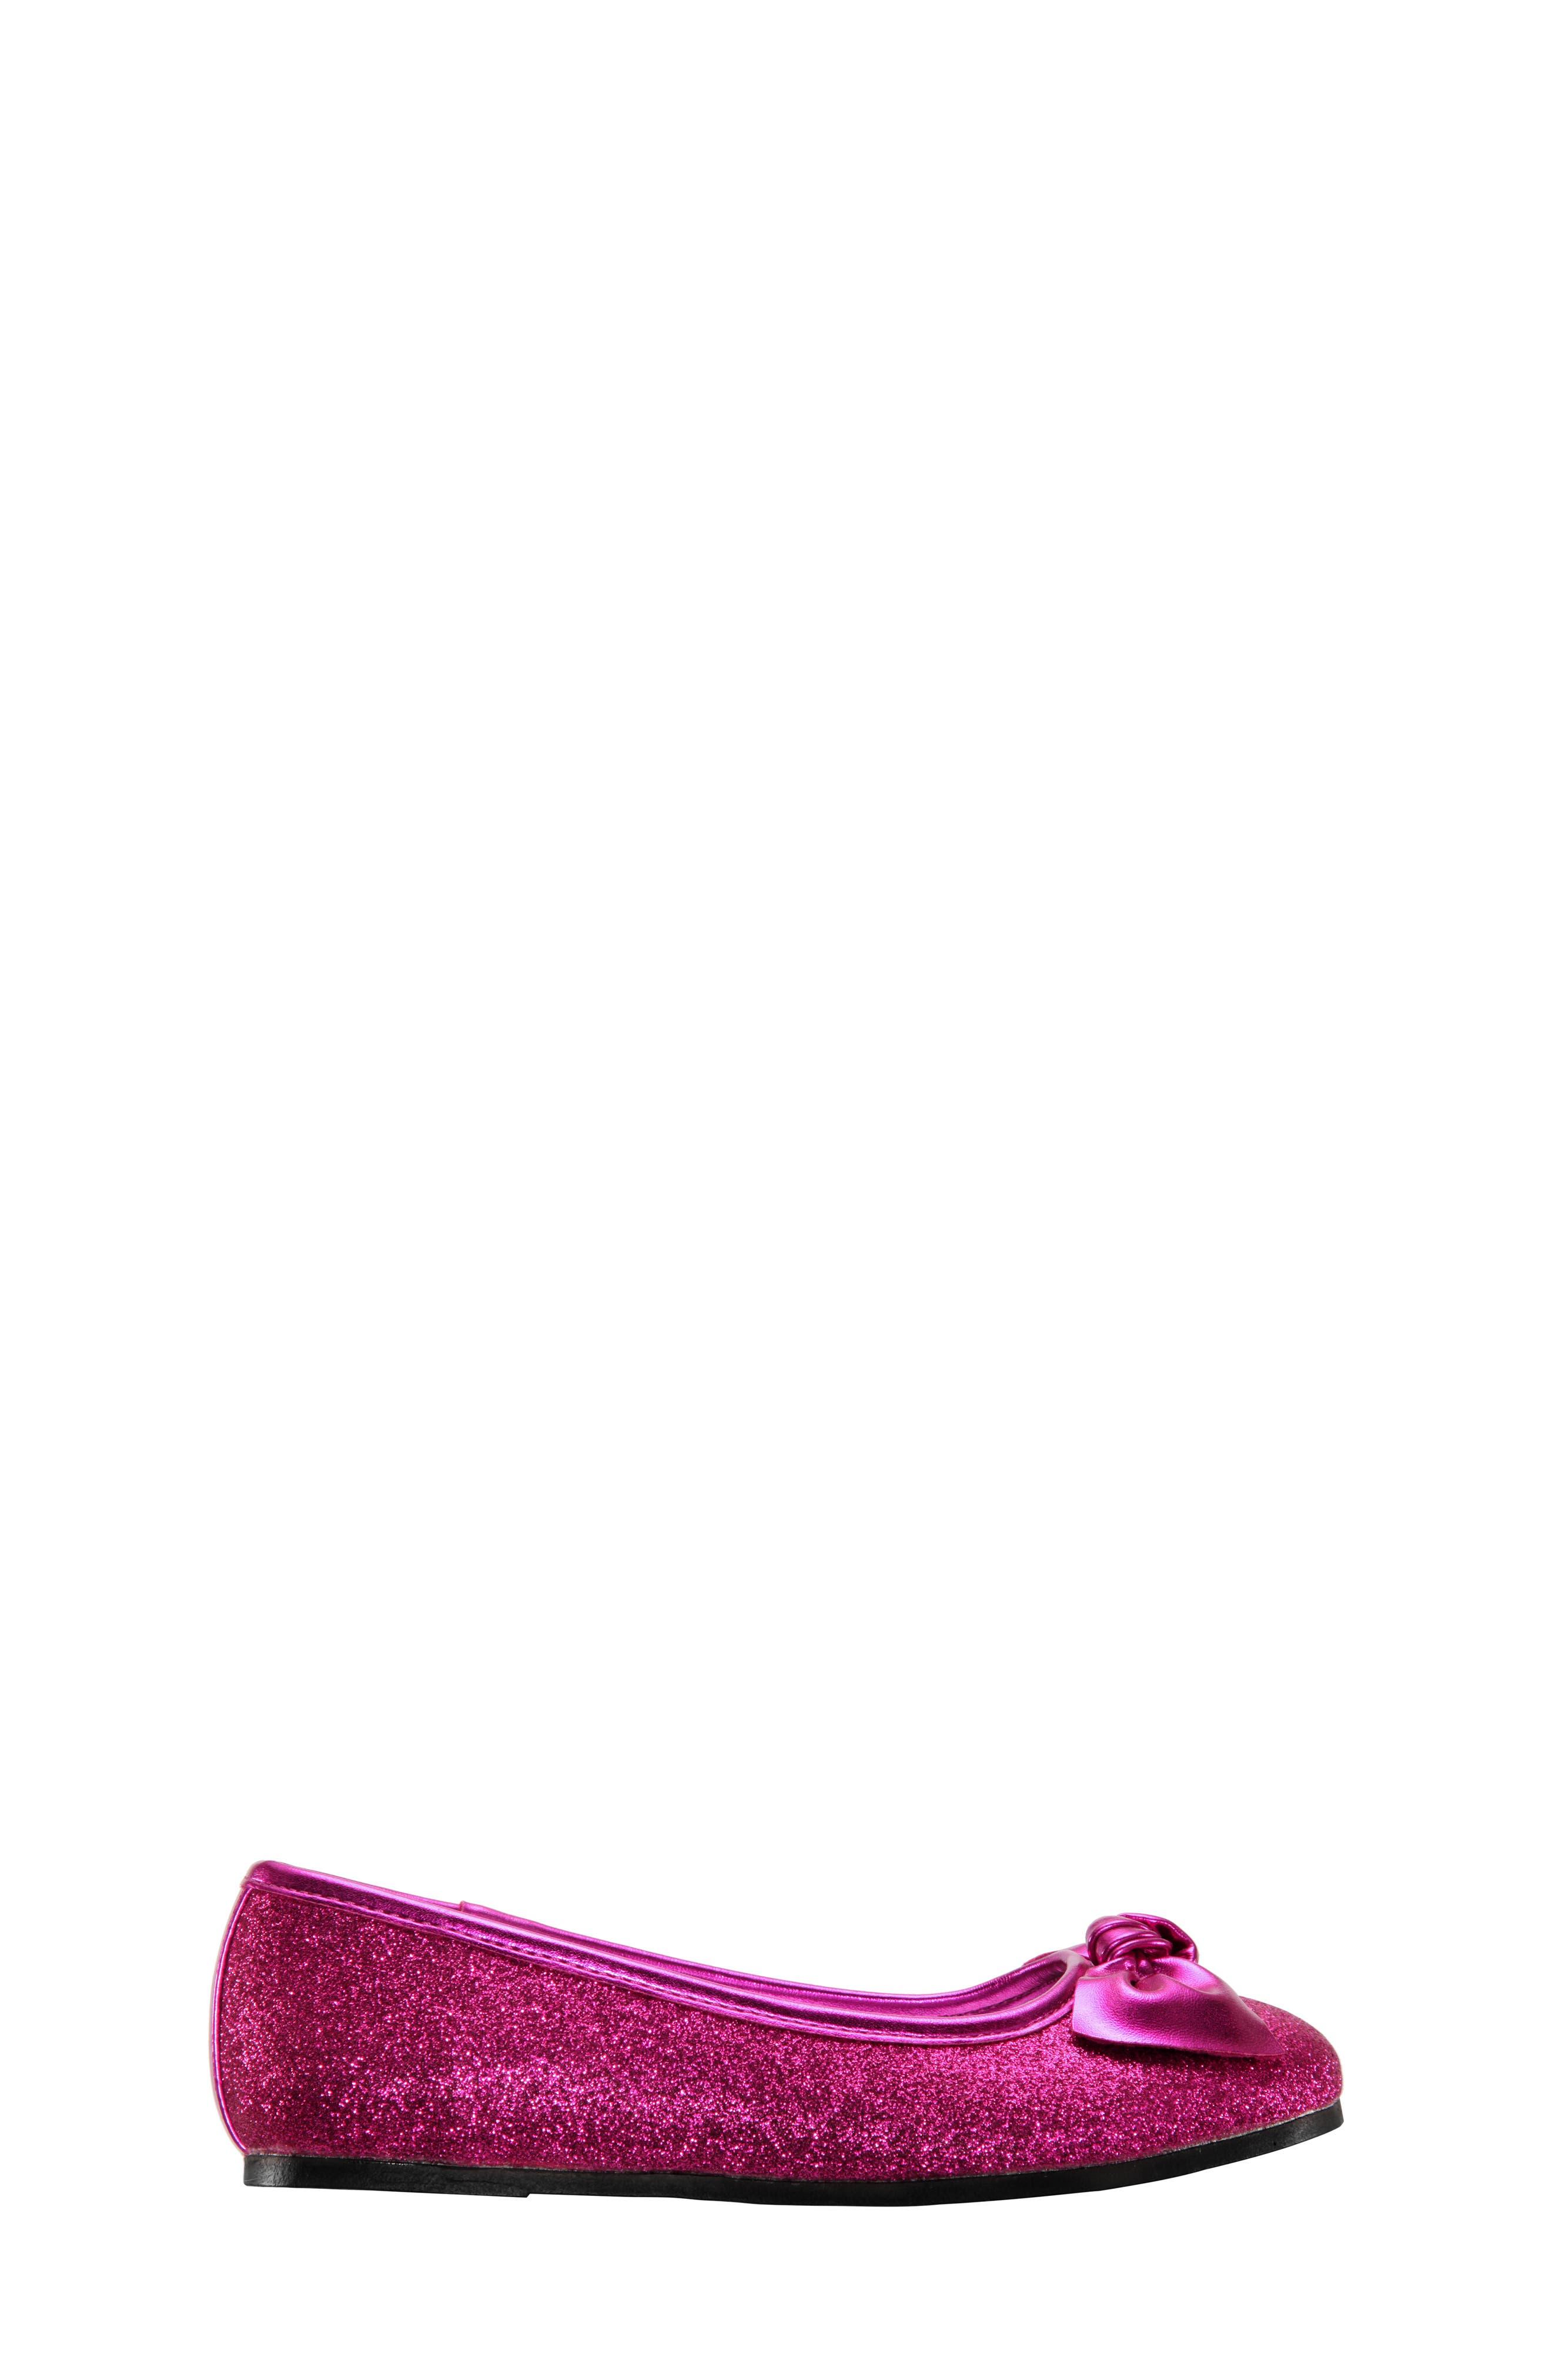 Larabeth Glitter Ballet Flat,                             Alternate thumbnail 7, color,                             Berry Metallic/ Glitter